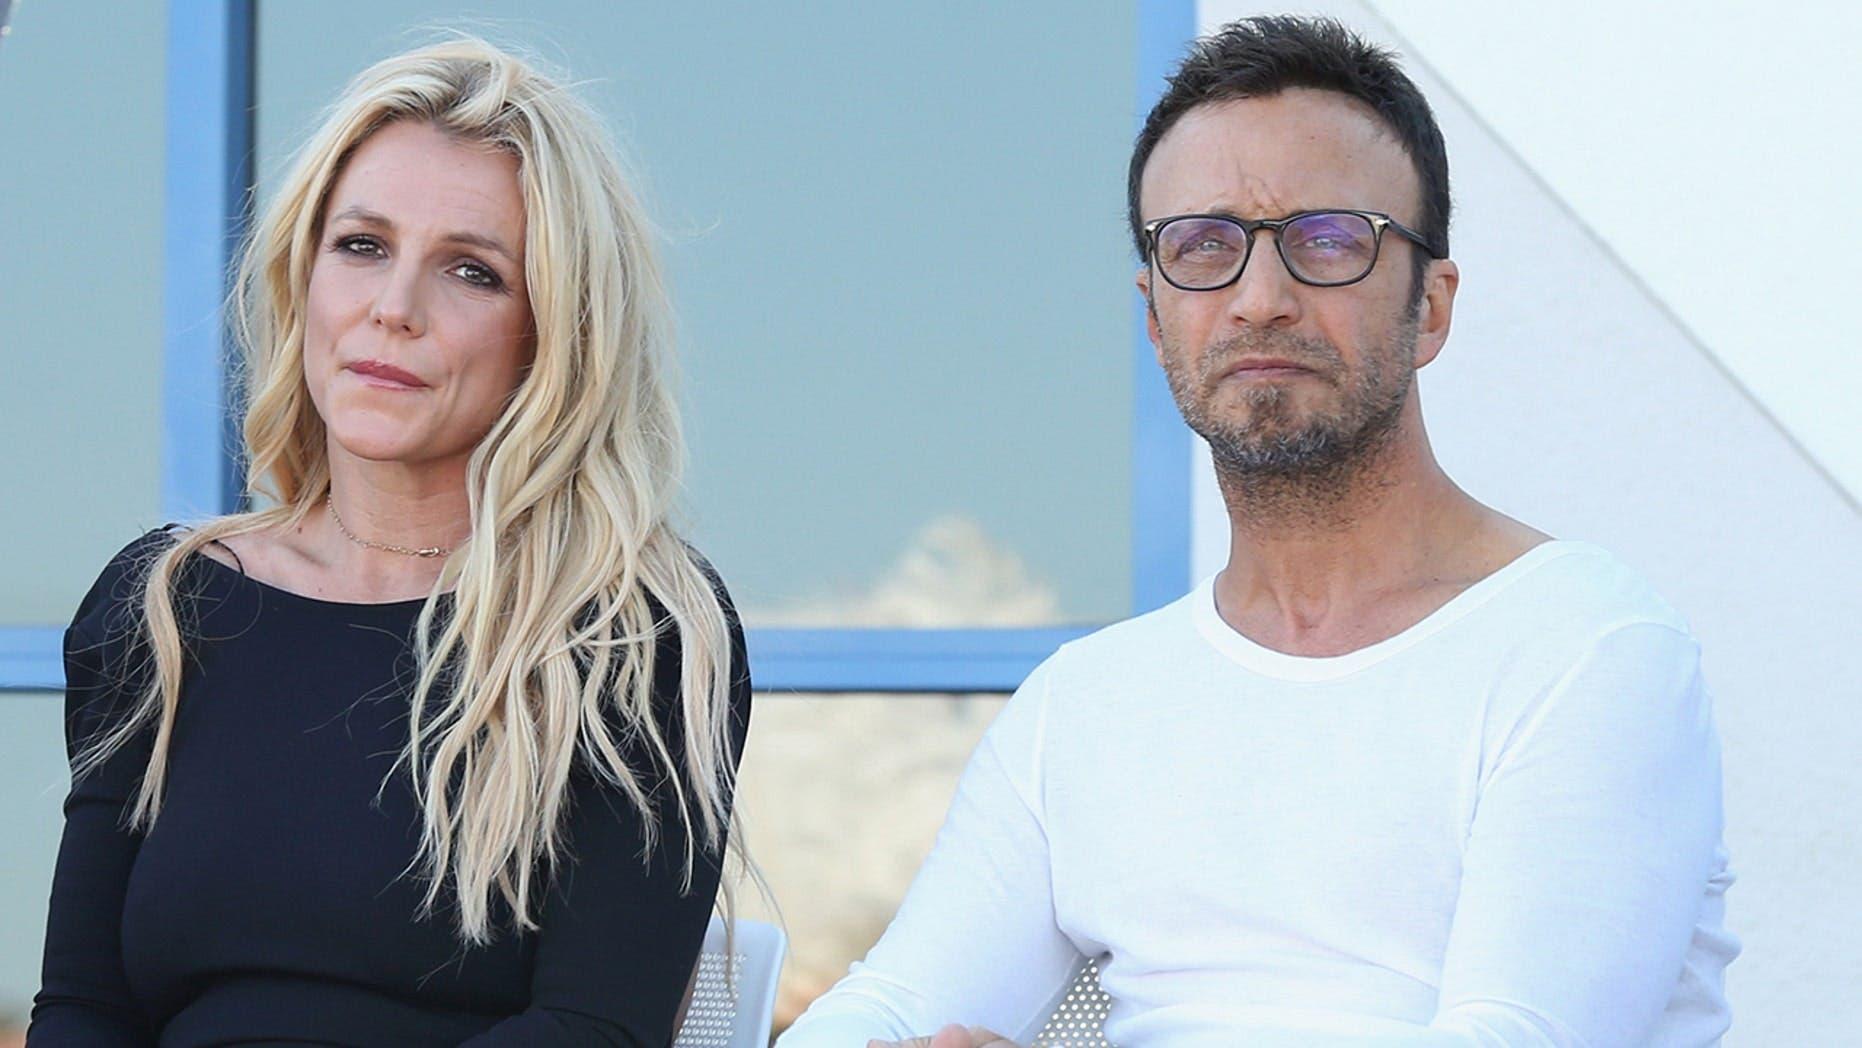 Dimite el representante artístico de Britney Spears